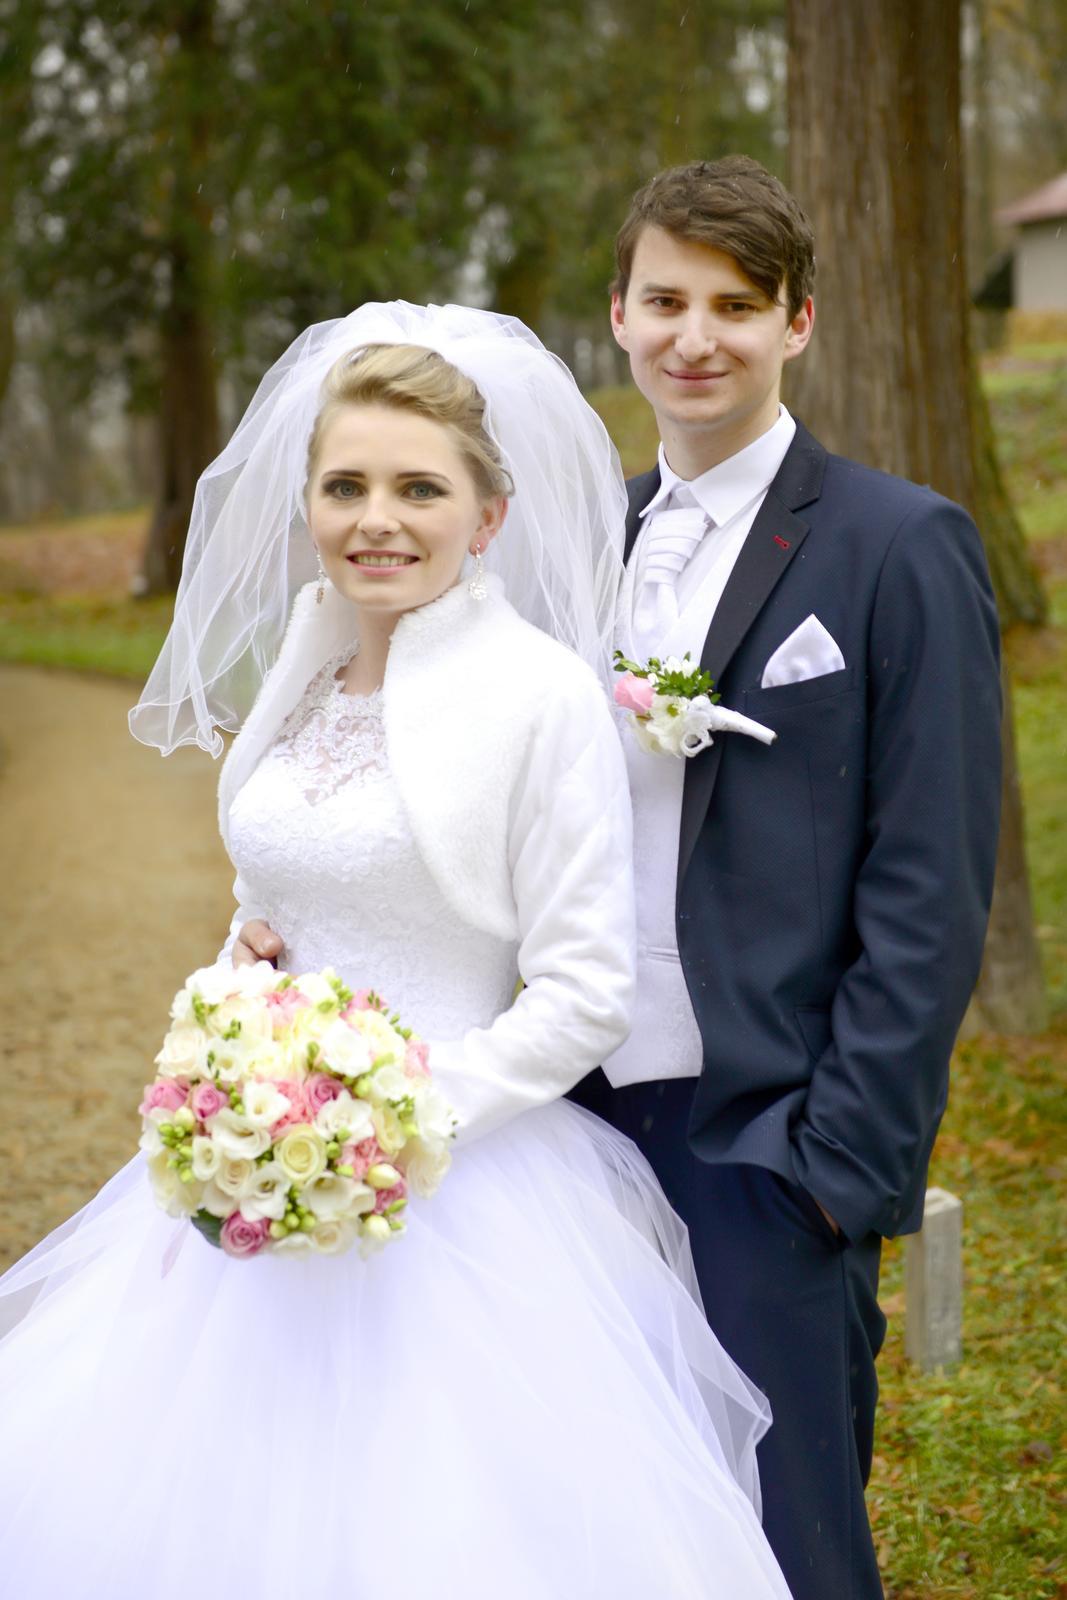 Svadba bola v Novembri... - Obrázok č. 1